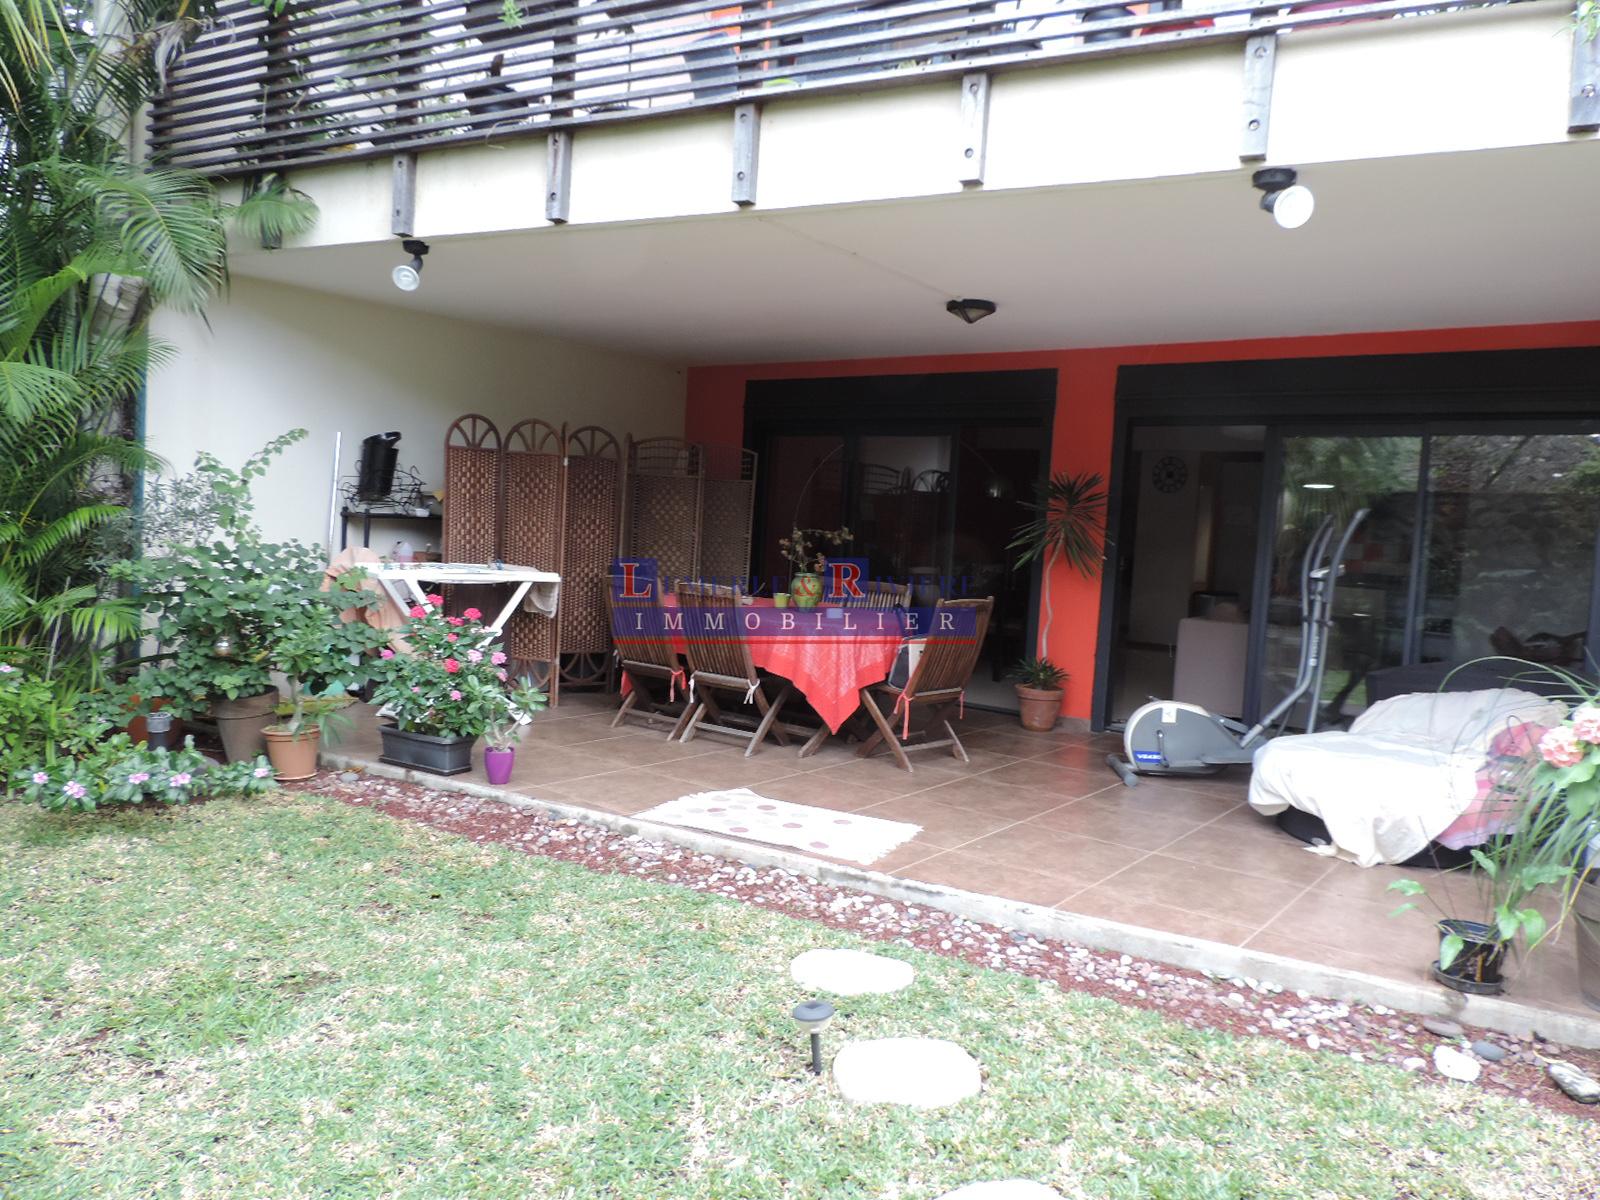 Annonce location maison saint pierre 97410 87 m 900 for Le jardin reunionnais 97410